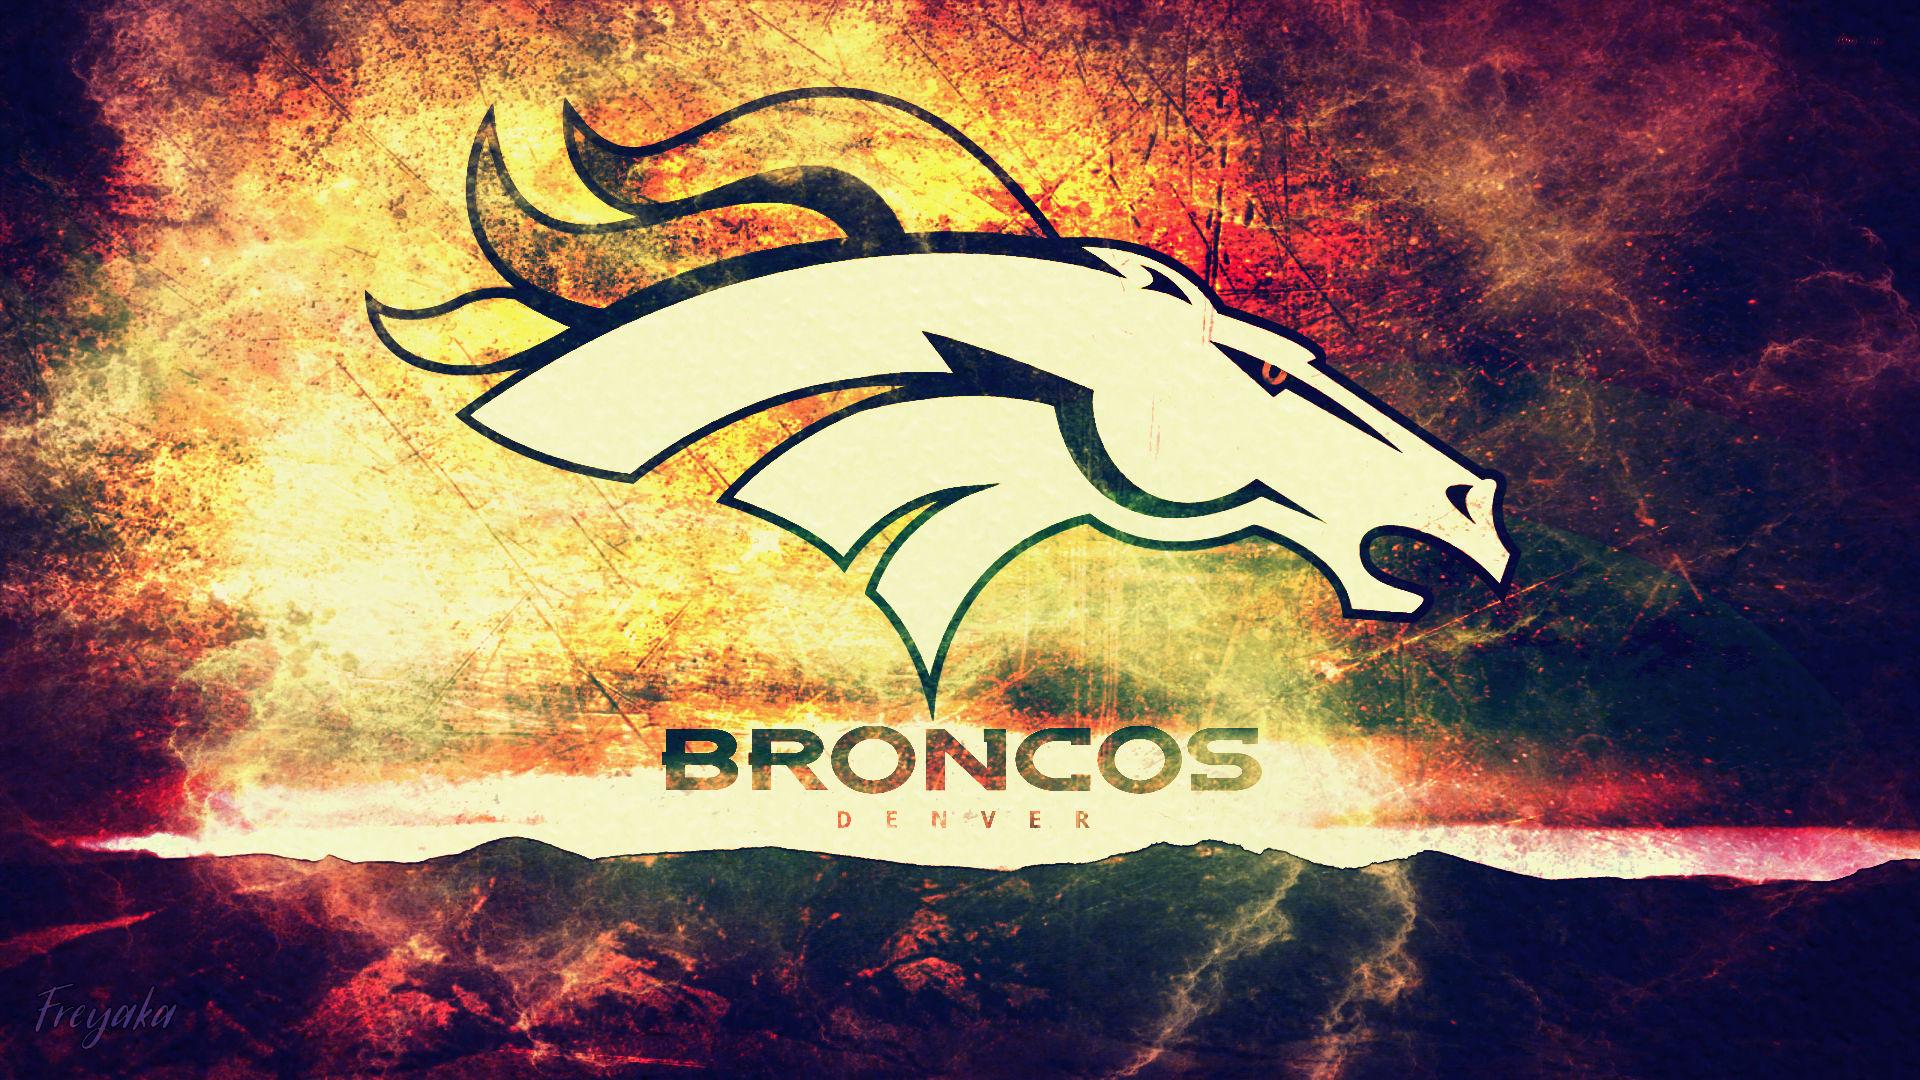 Denver Broncos 2 by freyaka